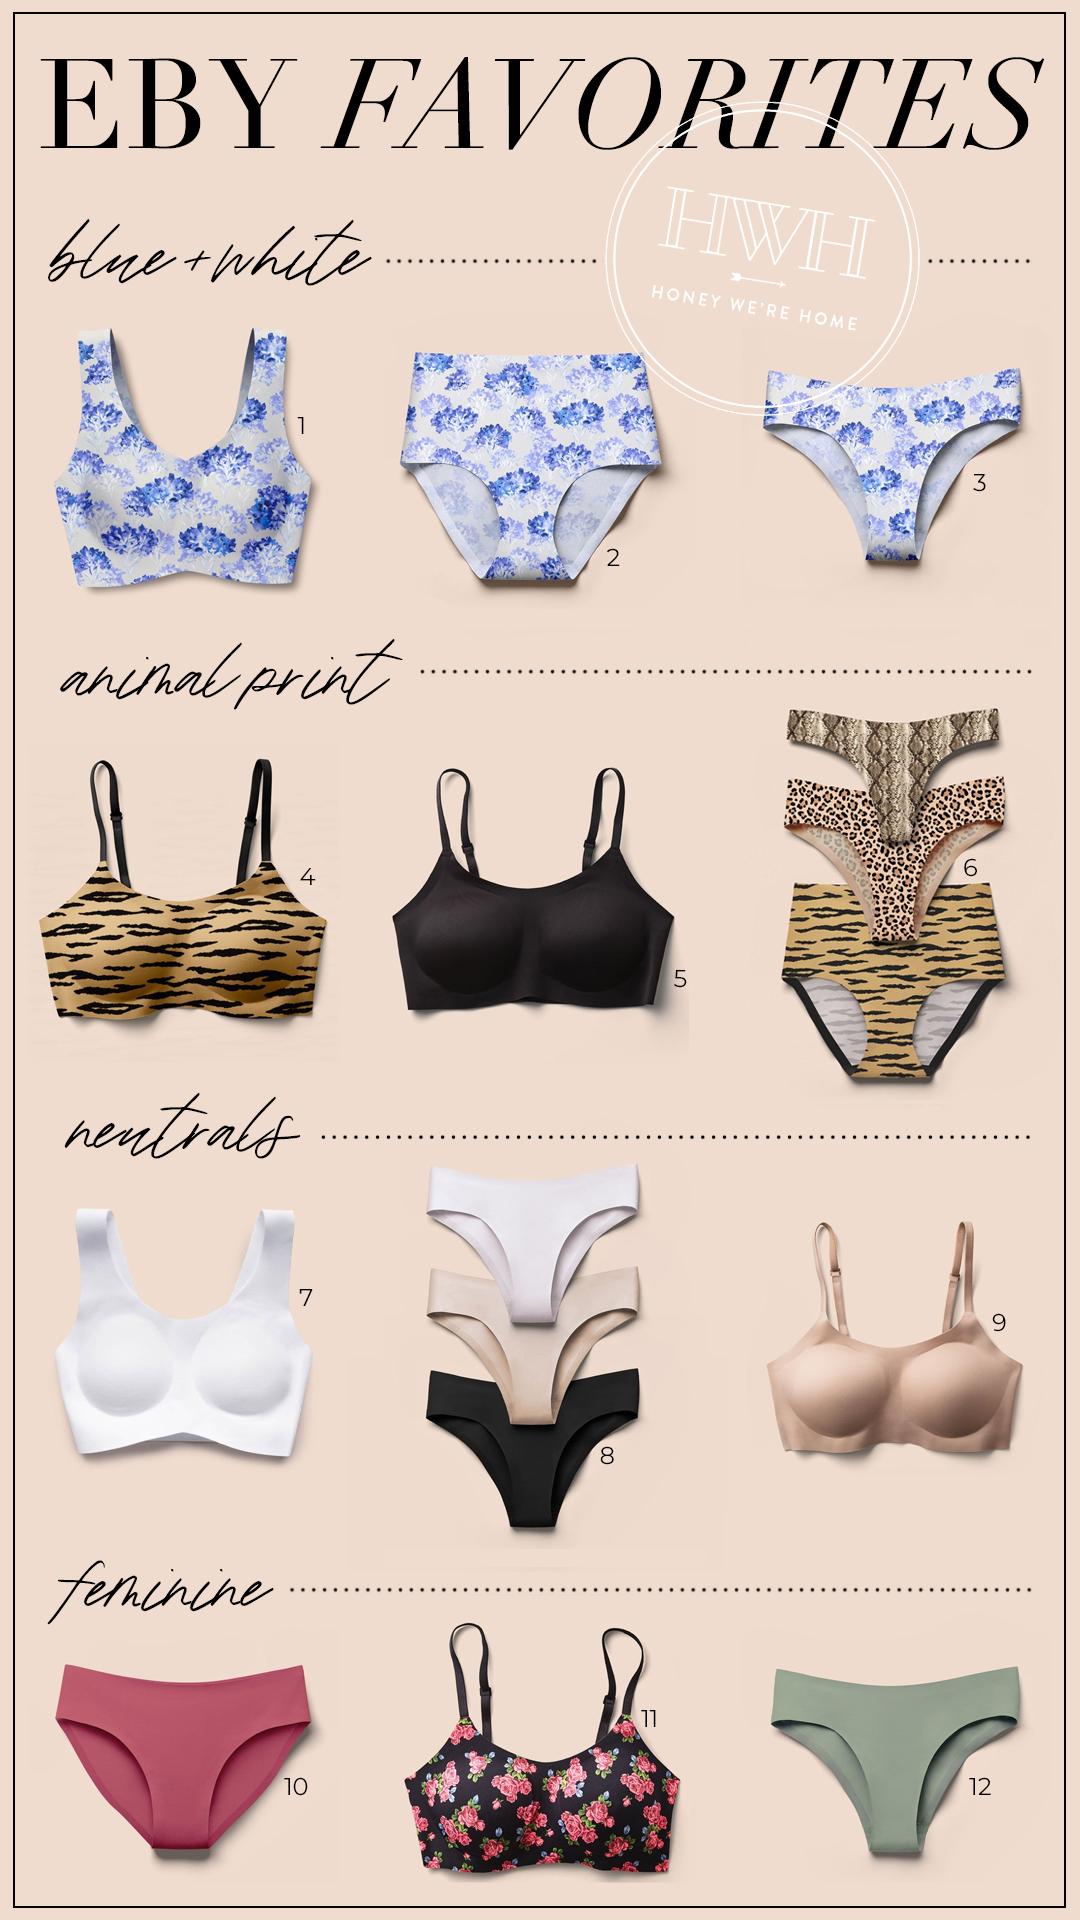 Eby bras and undies